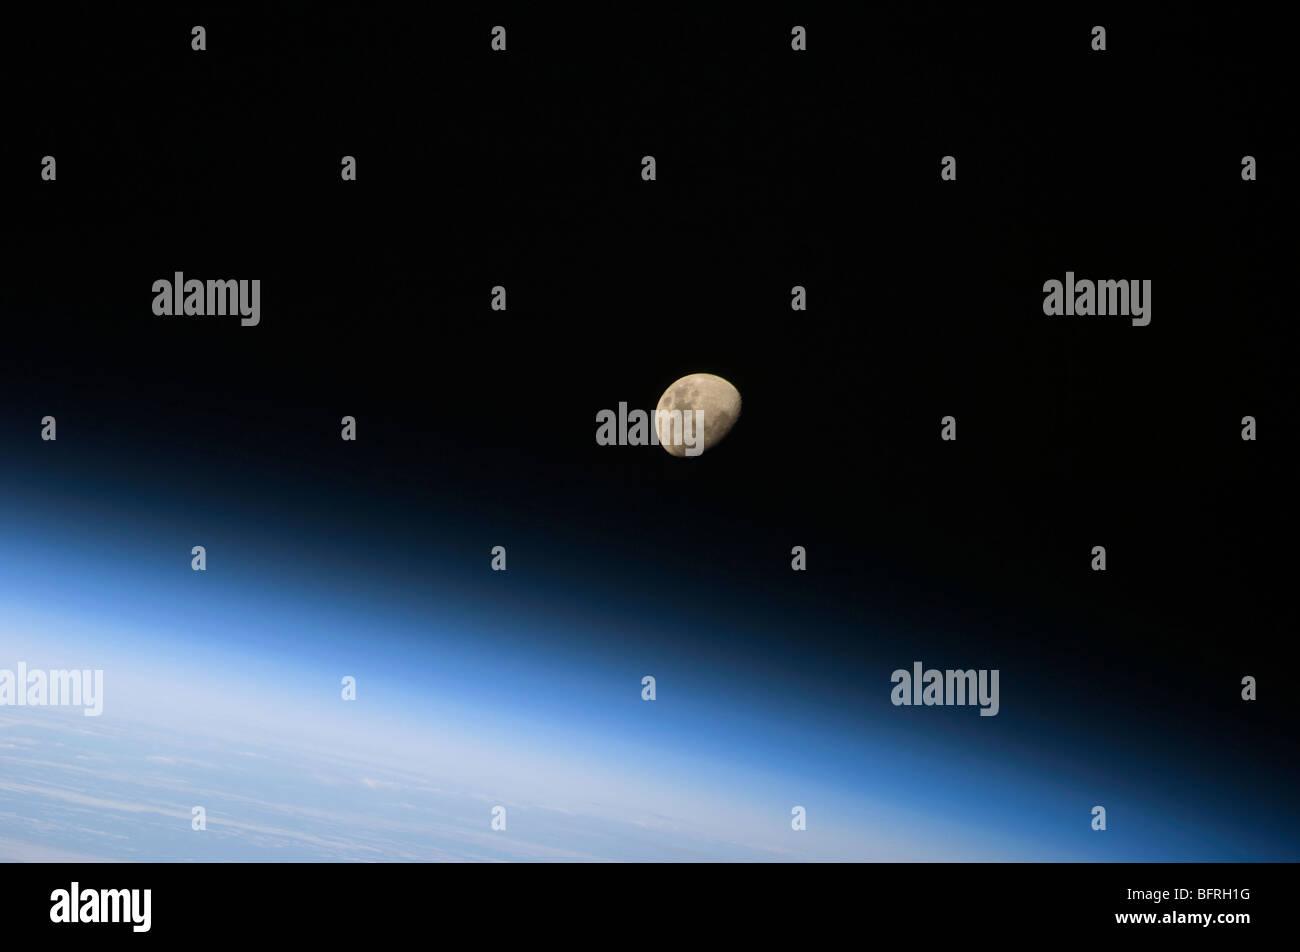 30 août 2009 - Une Lune gibbeuse visibles au-dessus de l'atmosphère de la Terre. Photo Stock